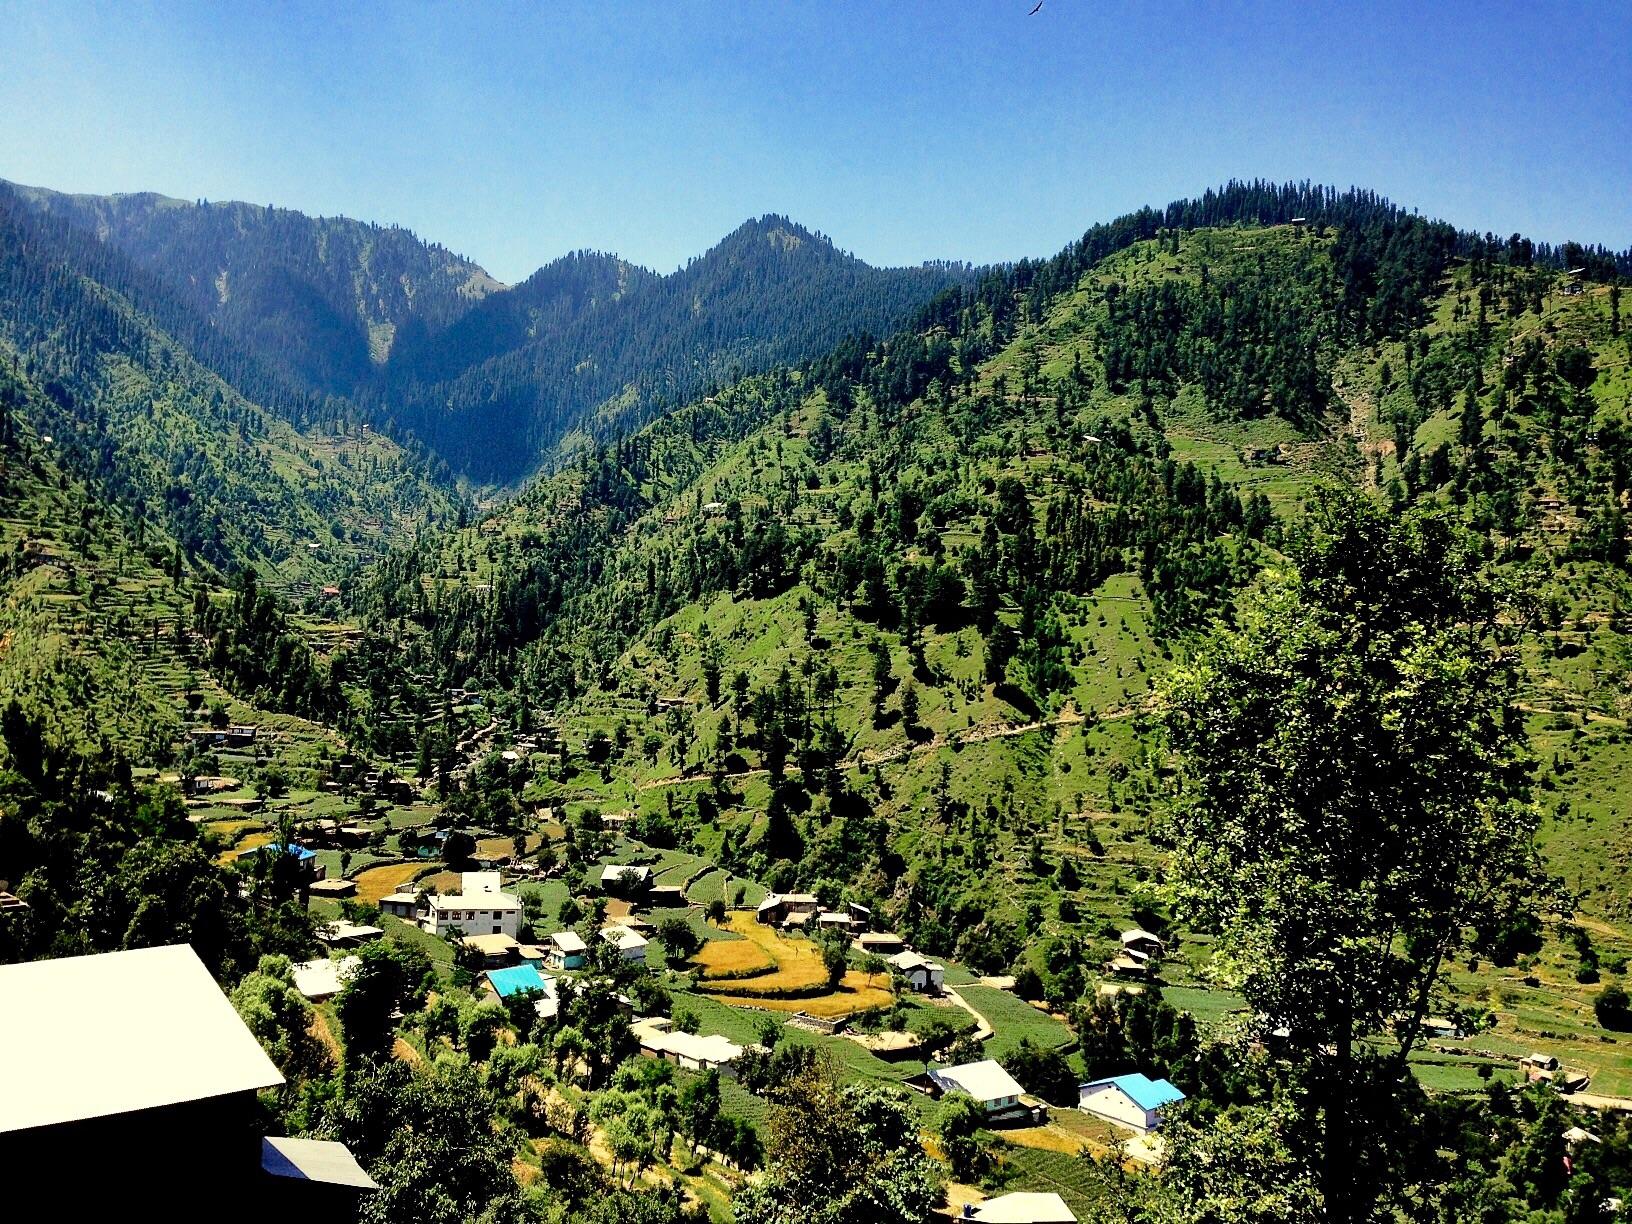 KPK Photo: File:Miandam, Swat (Kpk).jpg